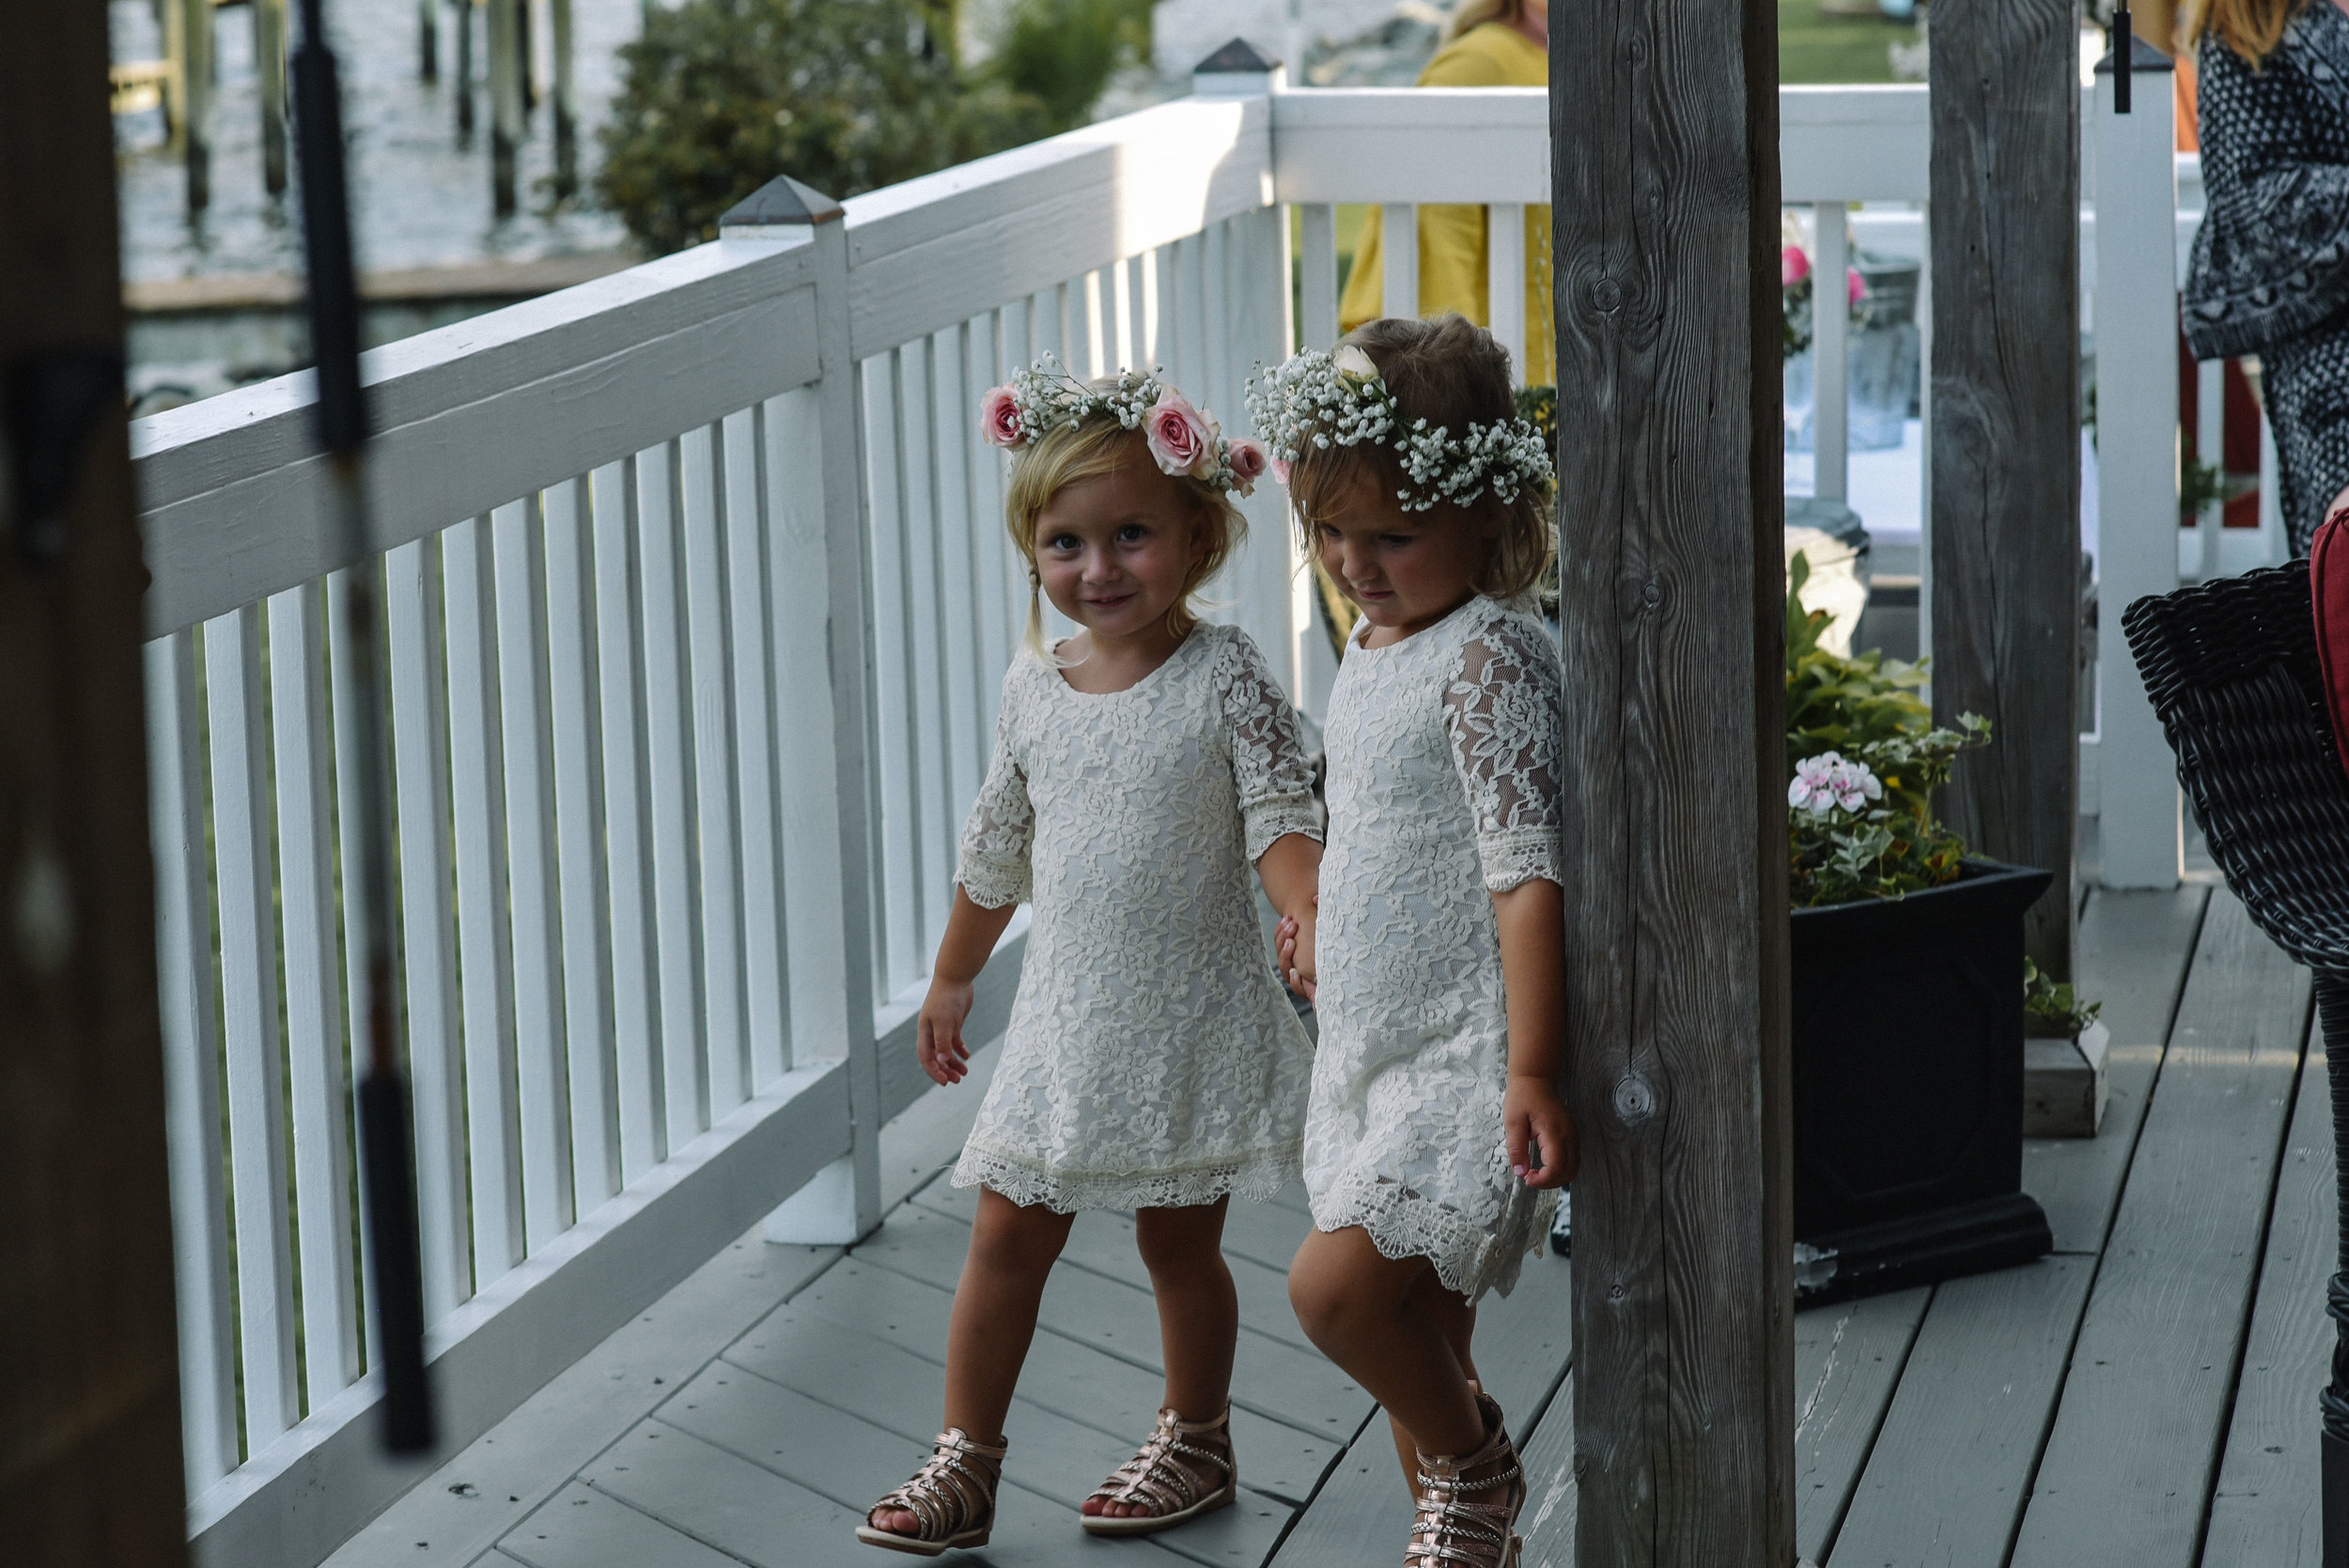 chesapeake_beach_backyard_wedding-39.jpg